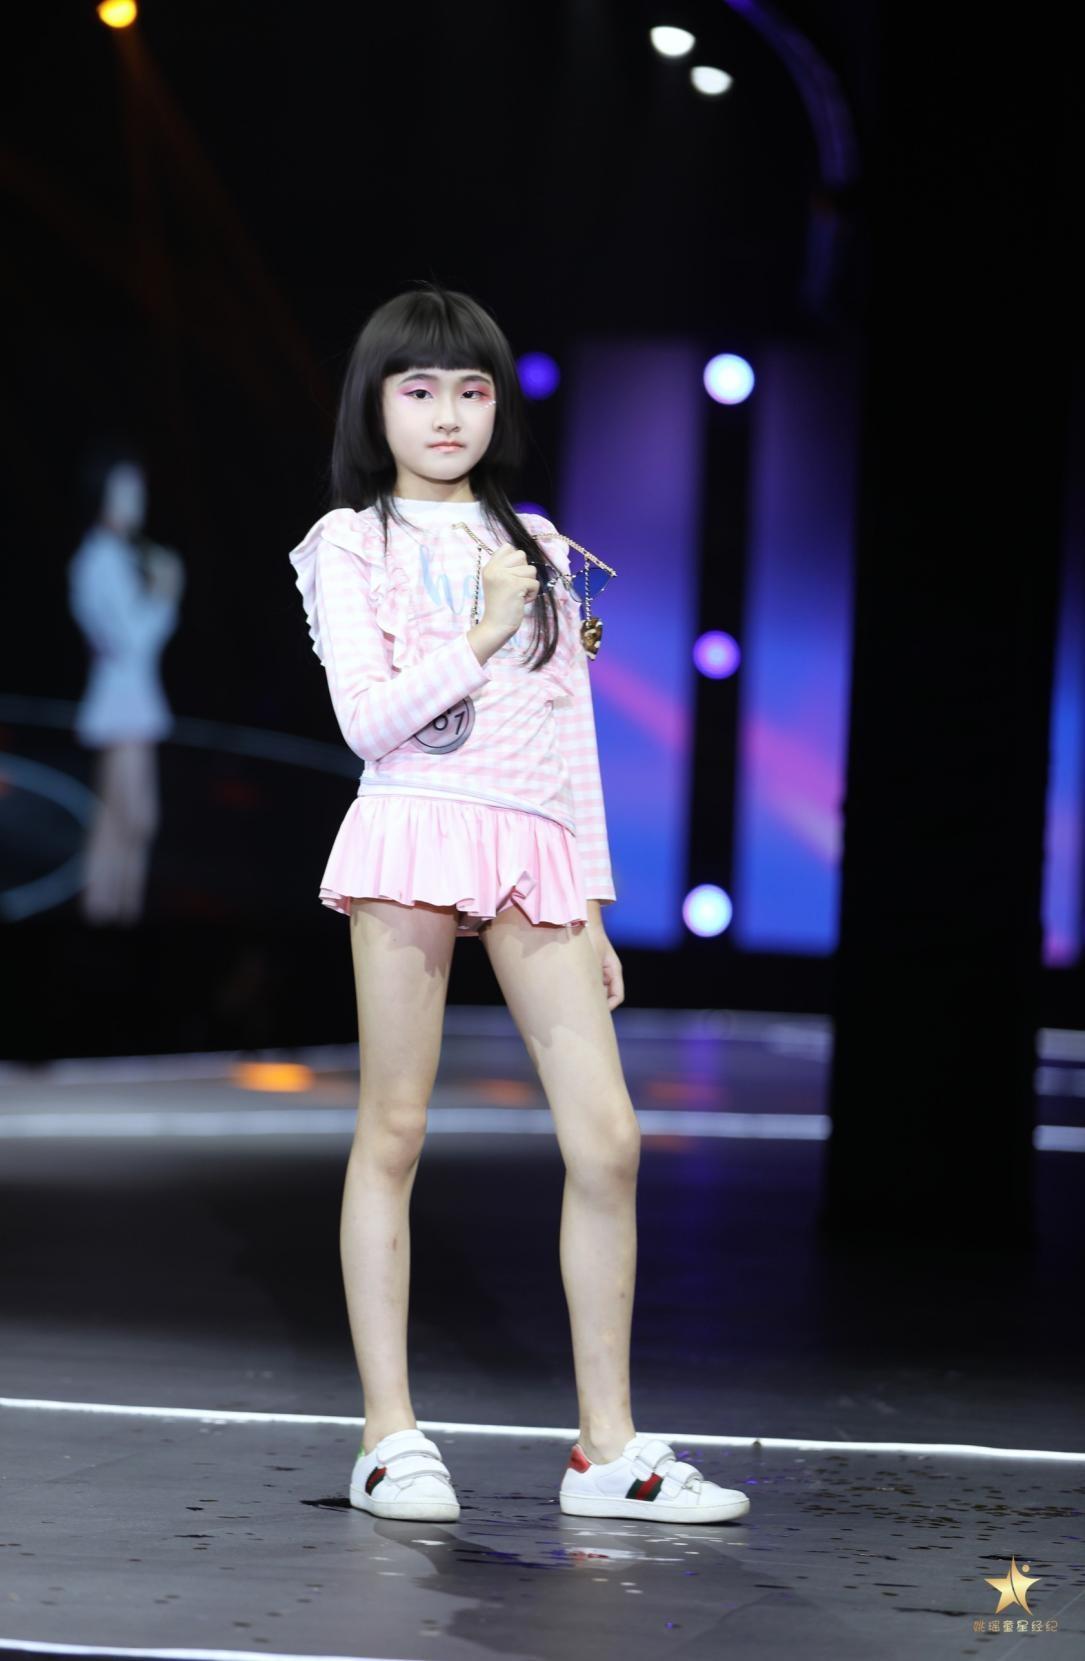 2021精英童模超级联赛官方发言人——黄姚婉尔